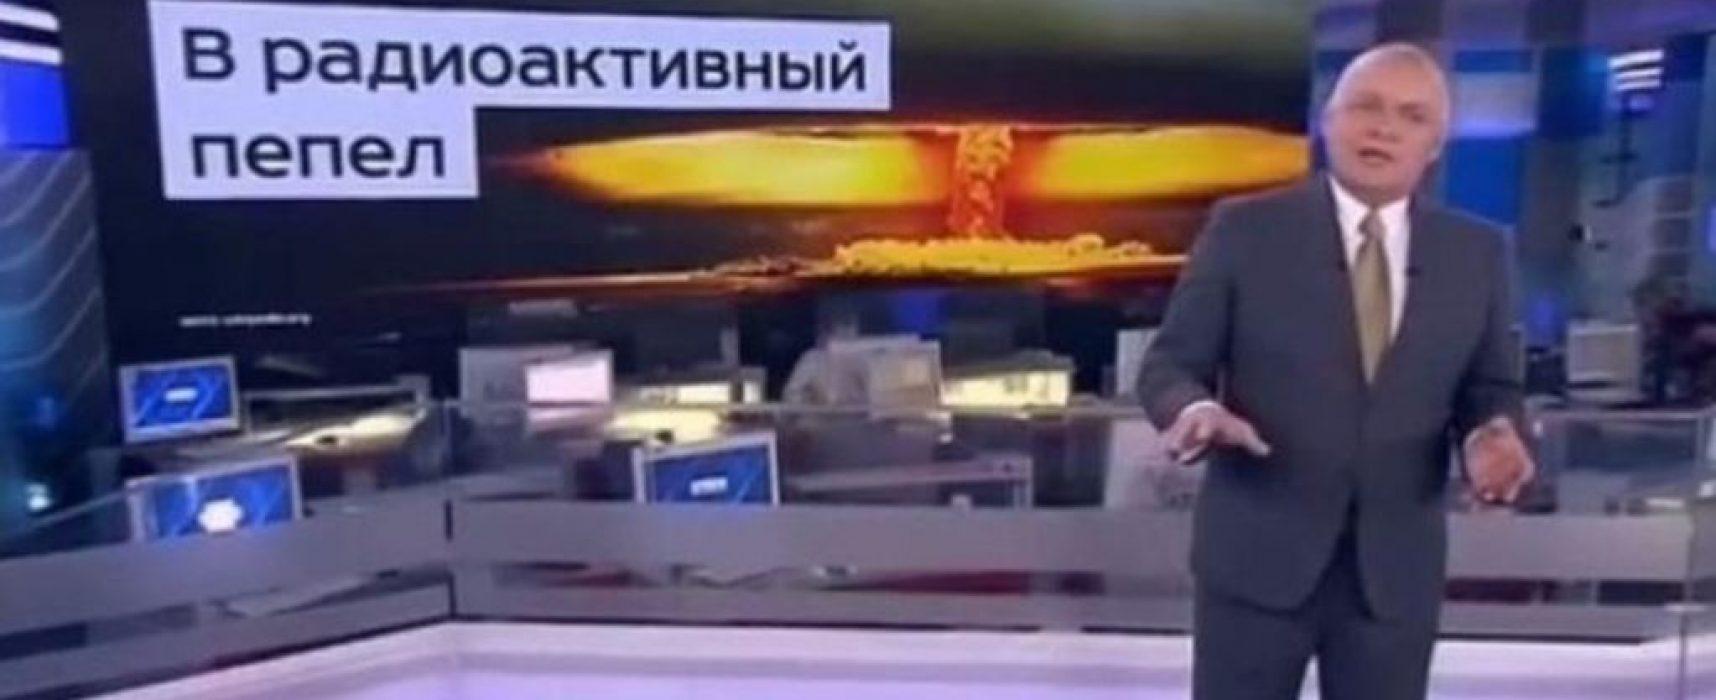 «Незвичайний чарівник». У Криму вилучили наклад газети з фото вілли Кисельова